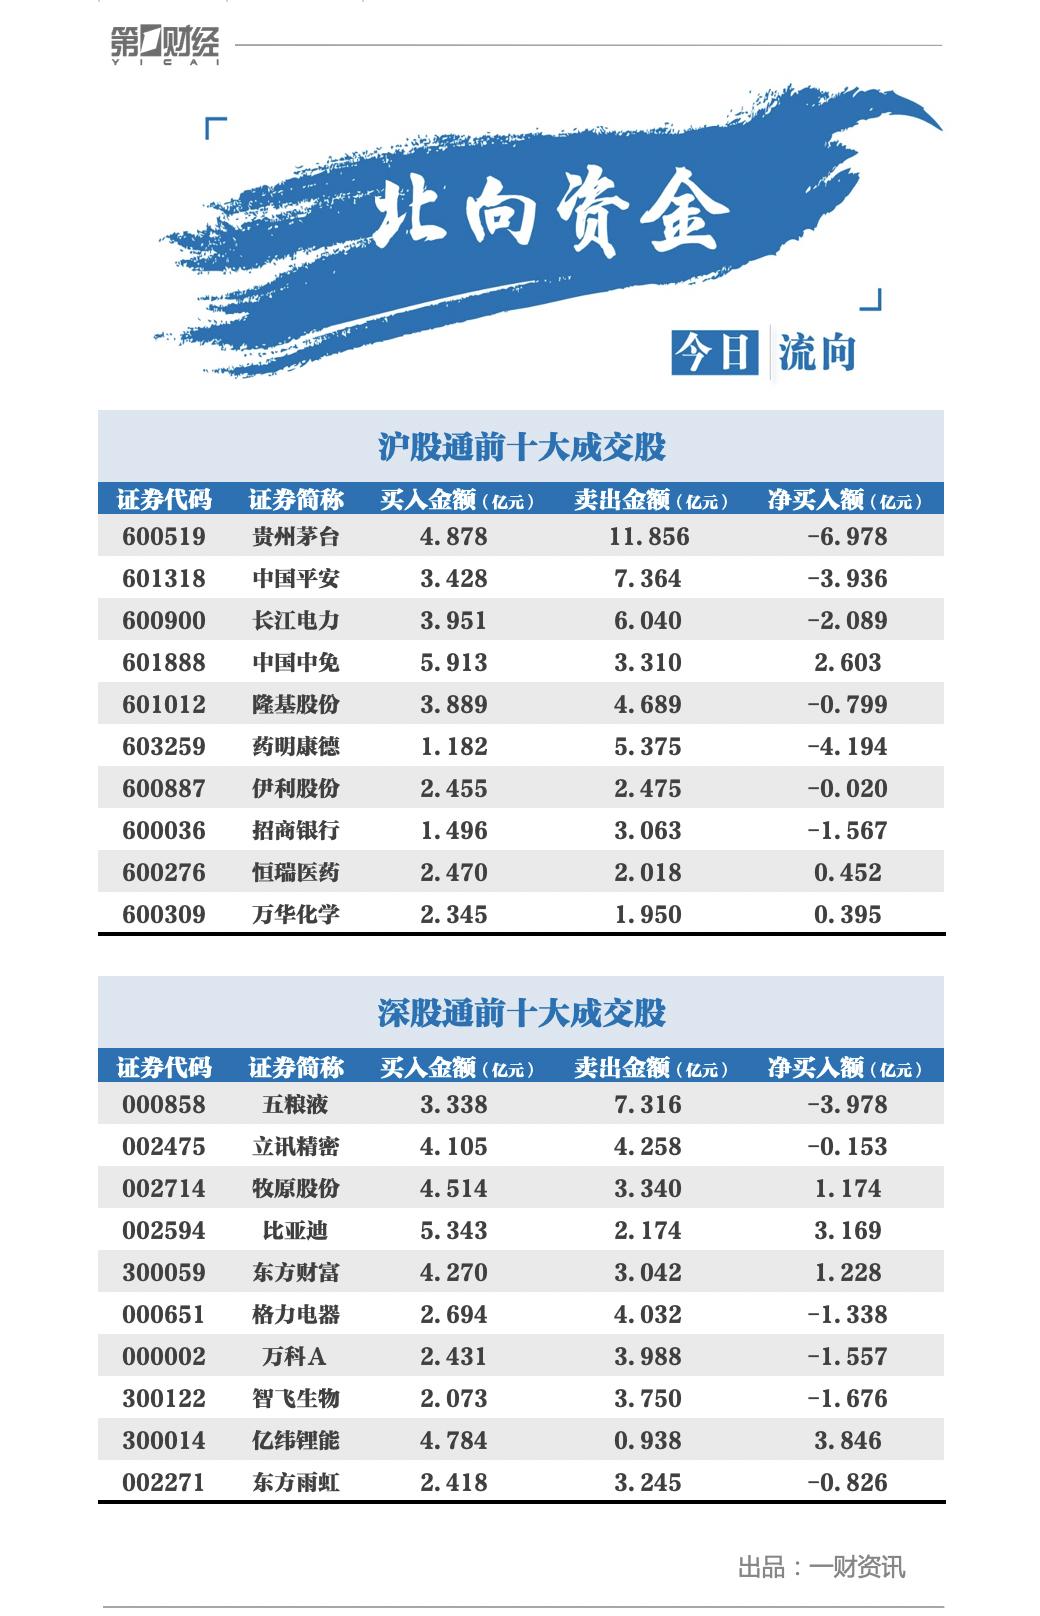 北向资金连续五日净流出,贵州茅台遭净卖出近7亿元